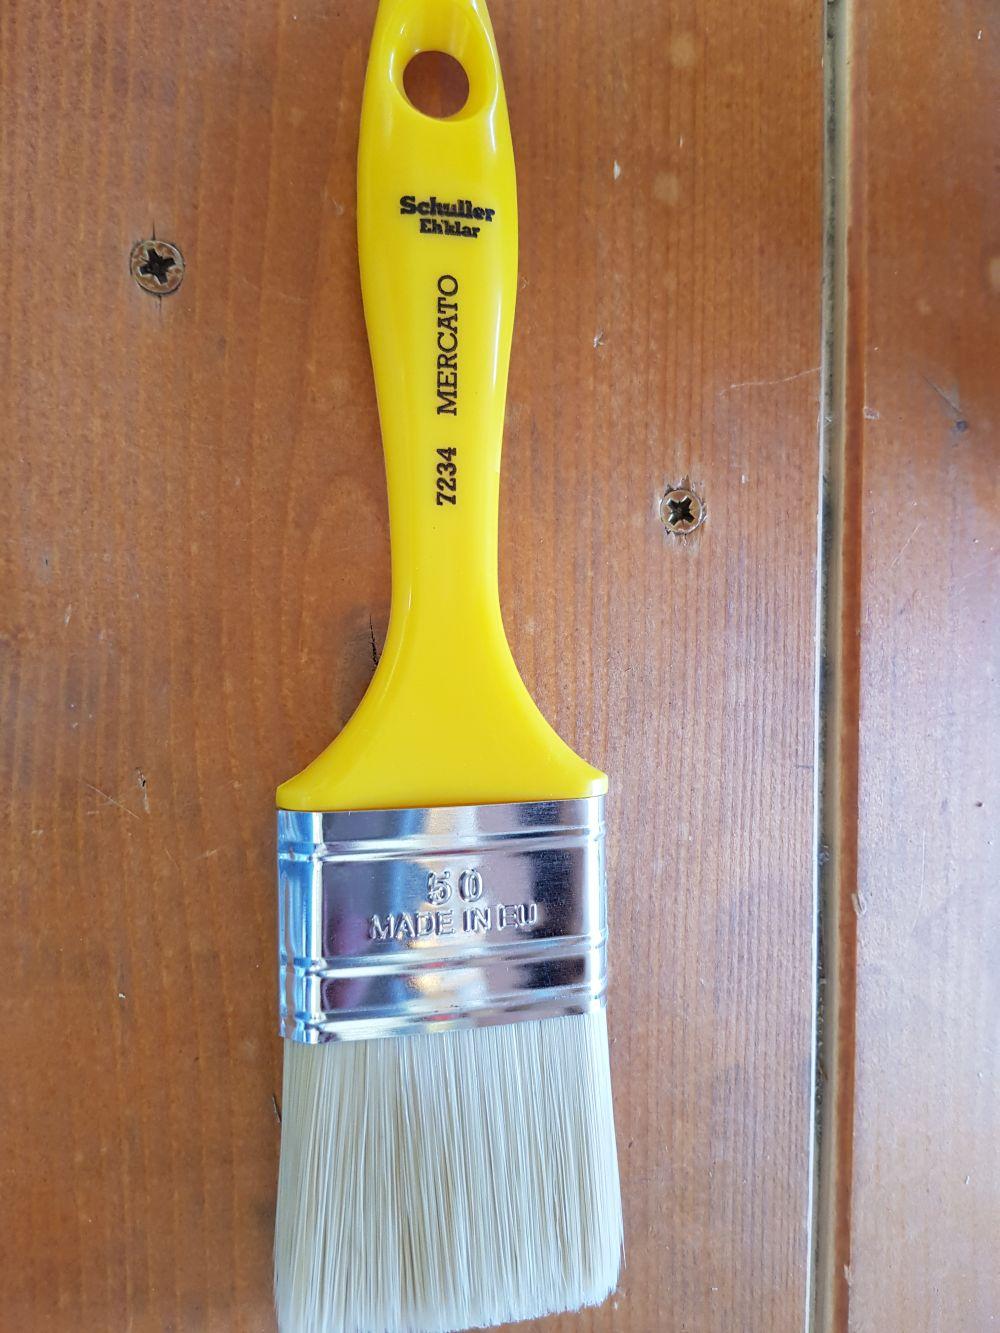 Ecset müanyag sárga 50mm sch BAUplaza Kft.